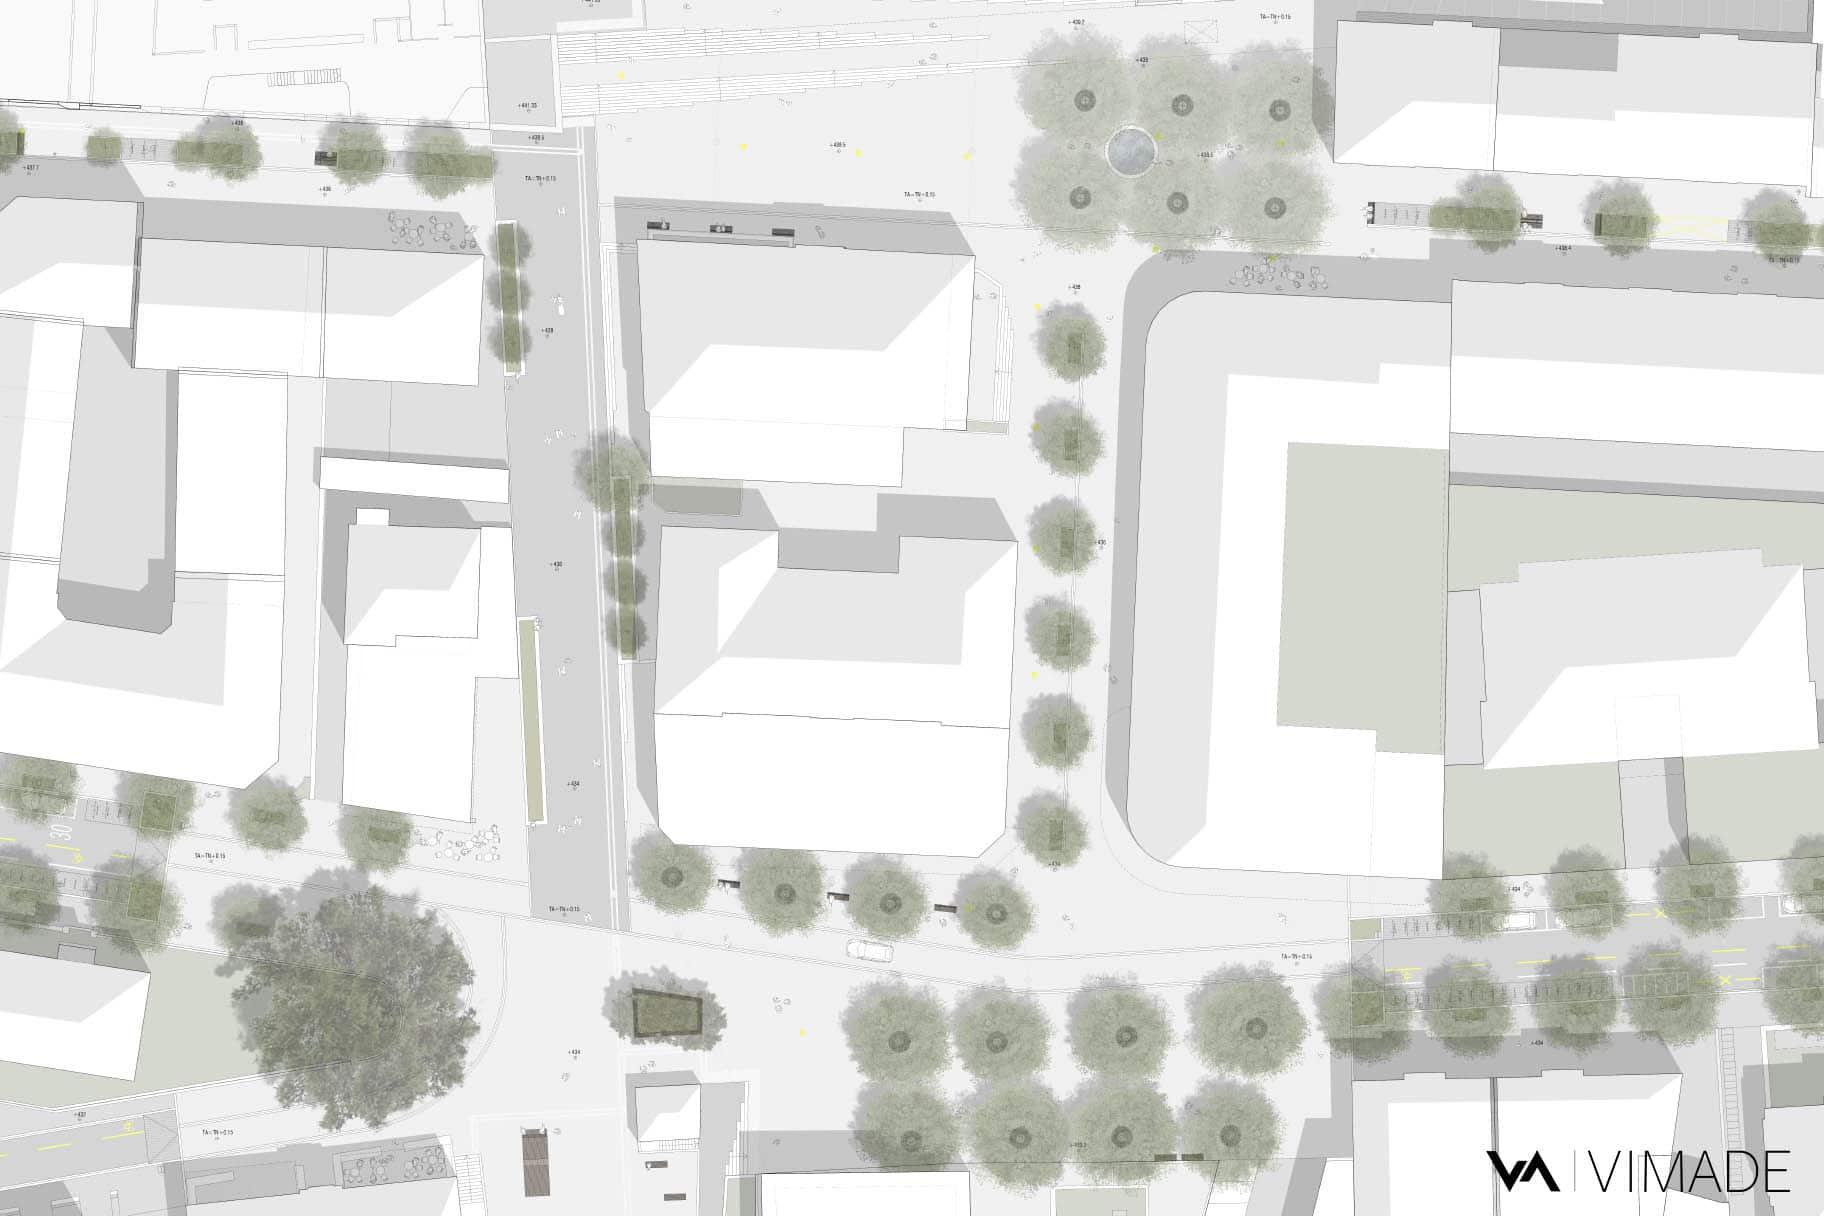 plan-masse-concours-sous-gare-lausanne-espace-public-vimade-architectes-paysagistes-concursus